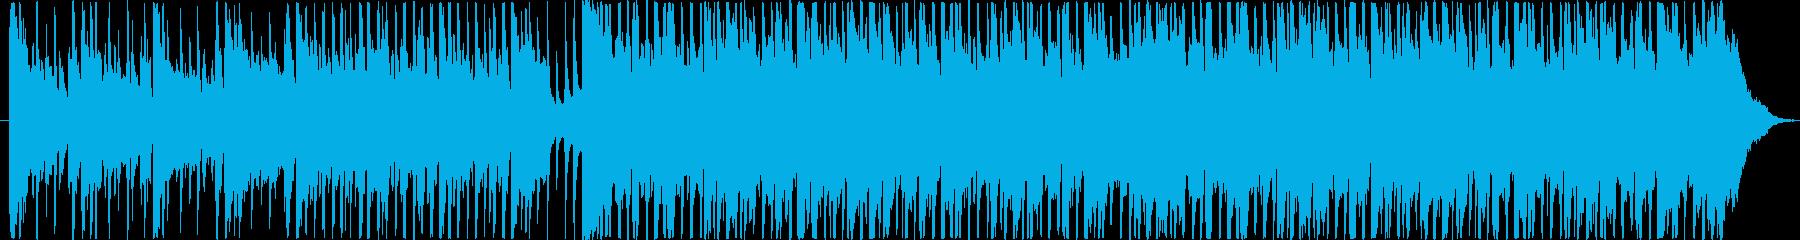 楽しい雰囲気のBGM(60秒ver)の再生済みの波形